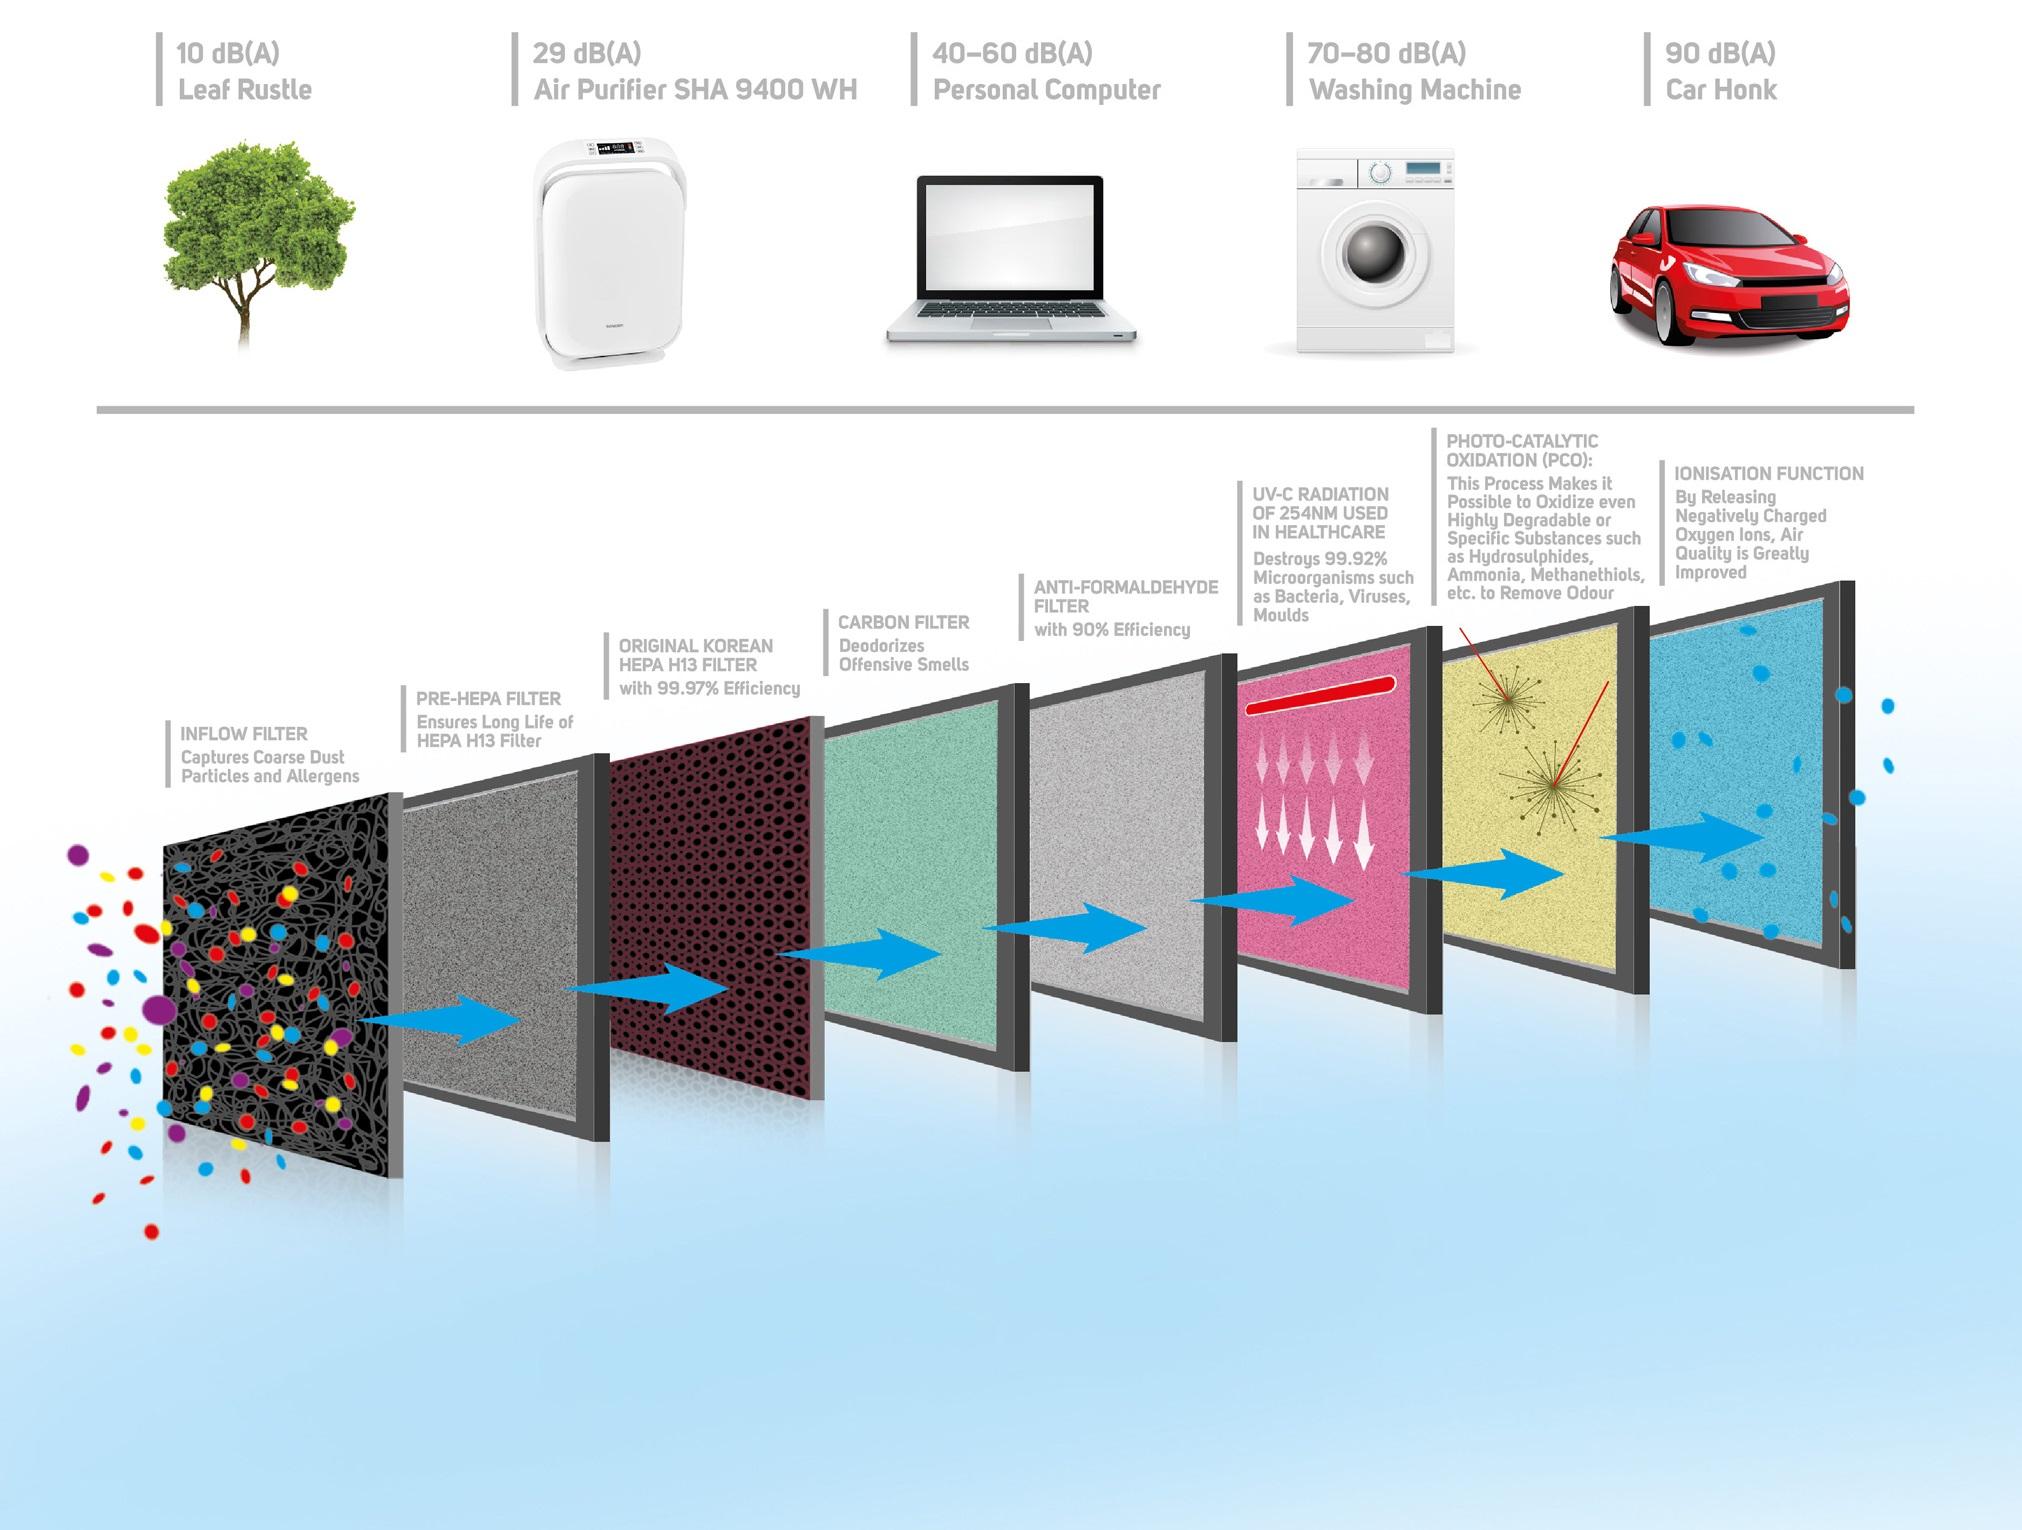 Už po 1. spuštění Sencor SHA 9400WH ucítíte lehčí a lépe dýchatelný vzduch díky 8stupňovému filtračnímu systému vysoké kvality